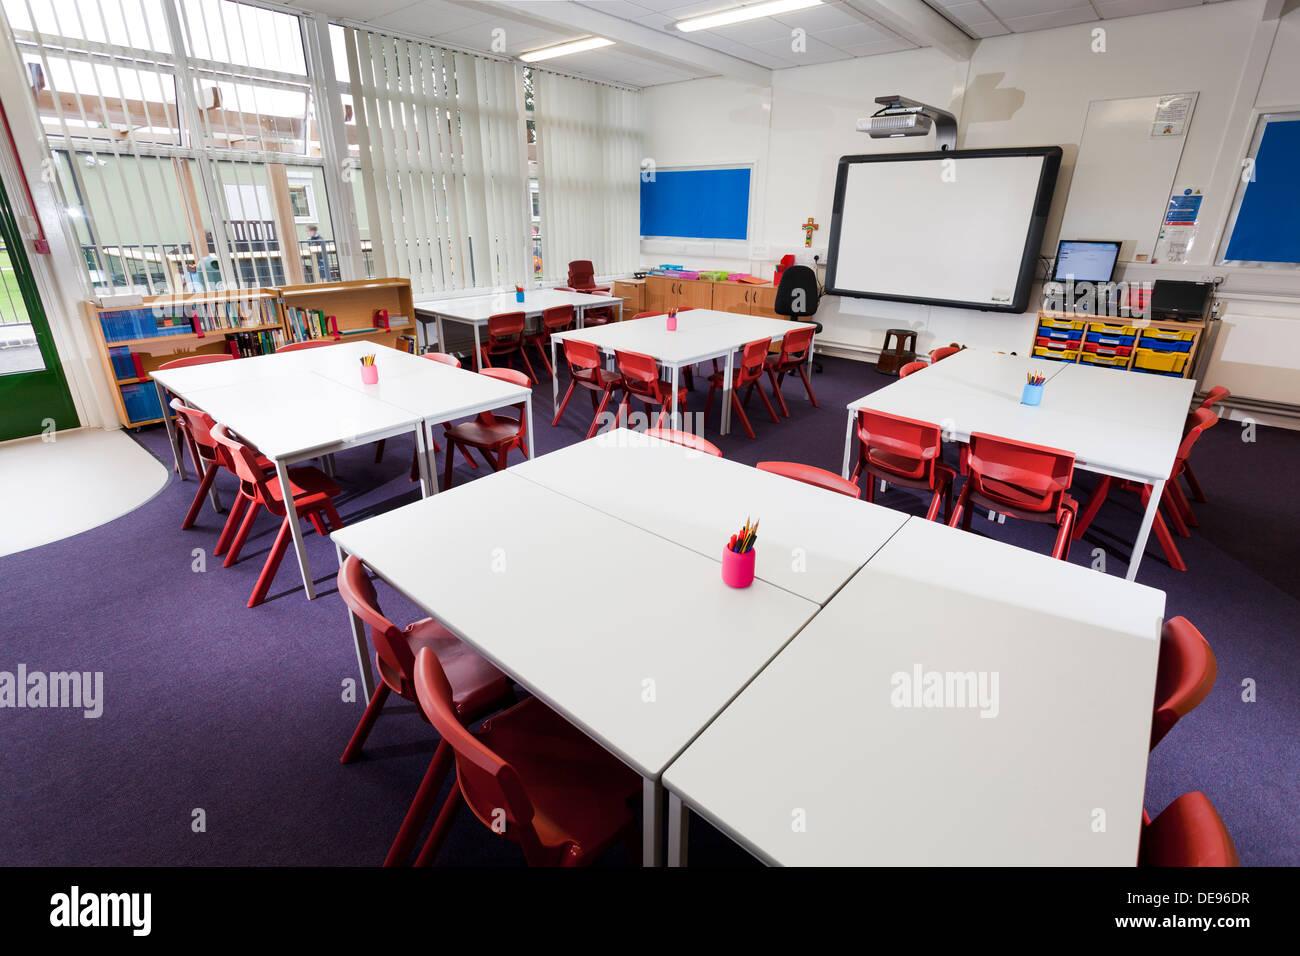 Las aulas de la escuela infantil desocupado Imagen De Stock